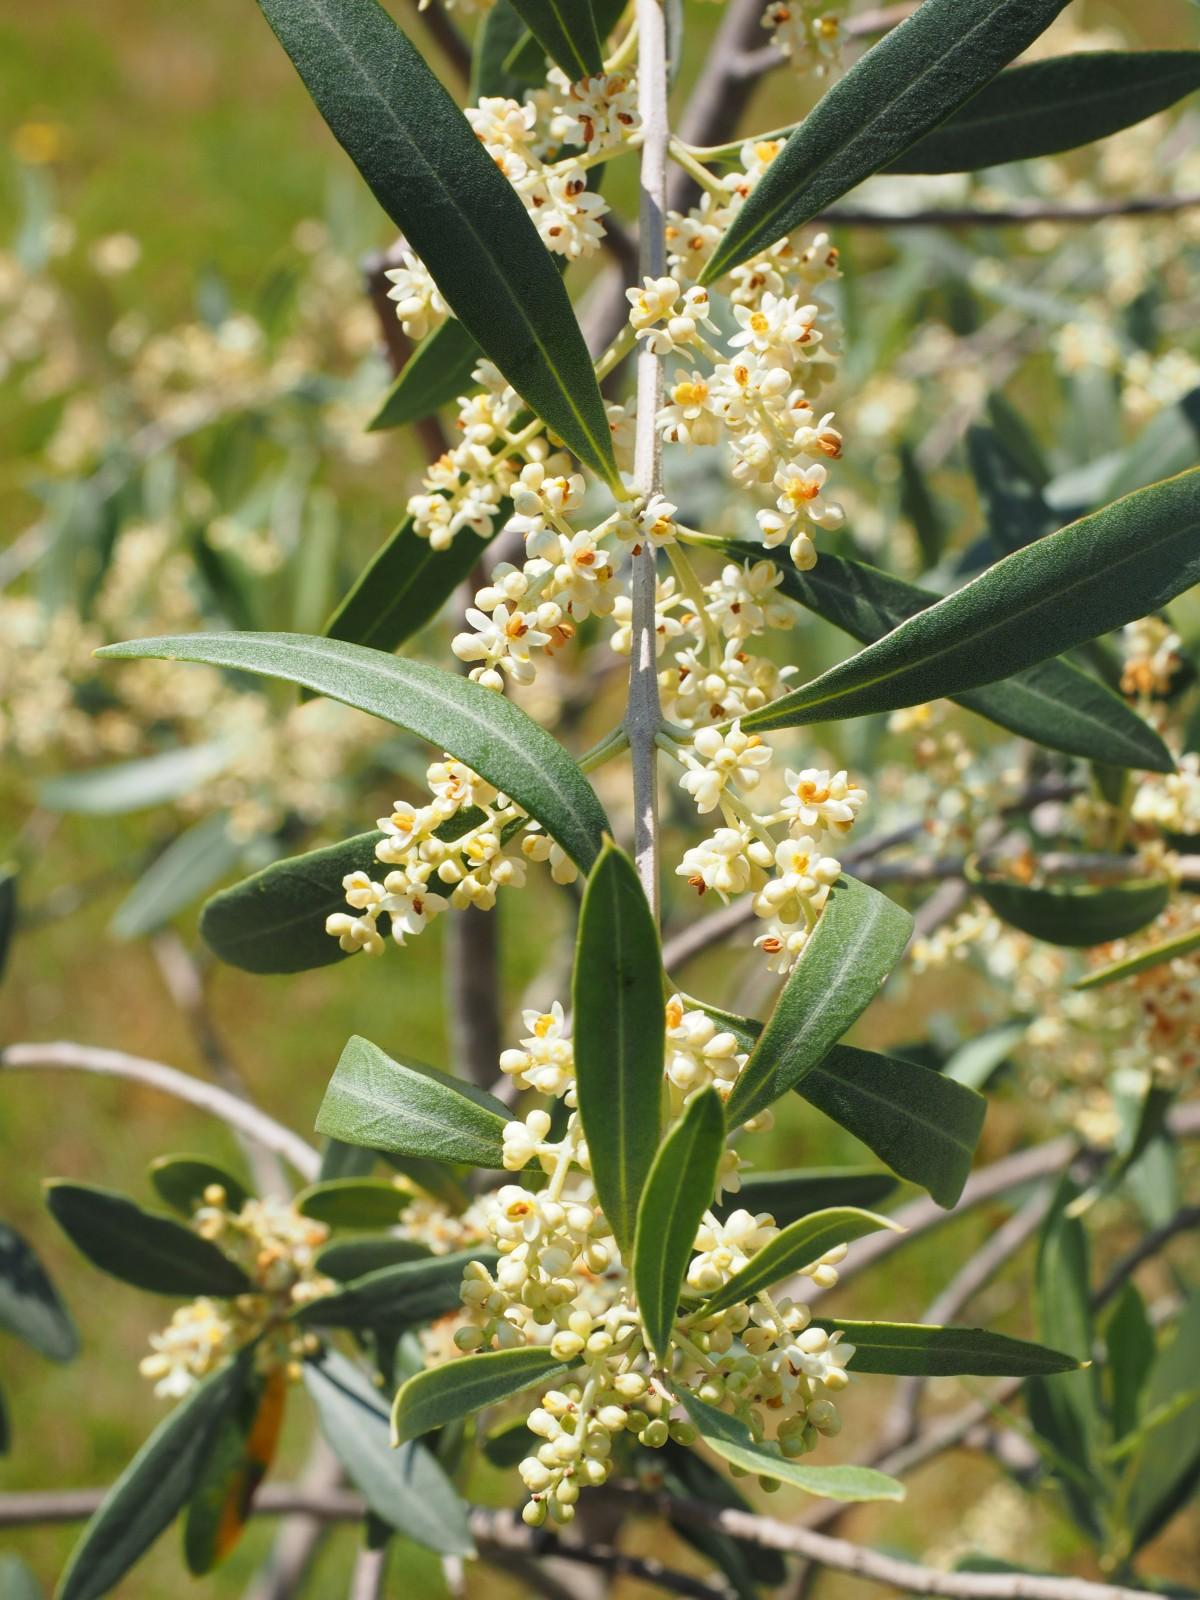 Fotos gratis rbol fruta flor comida hierba produce for Arboles de hoja perenne informacion